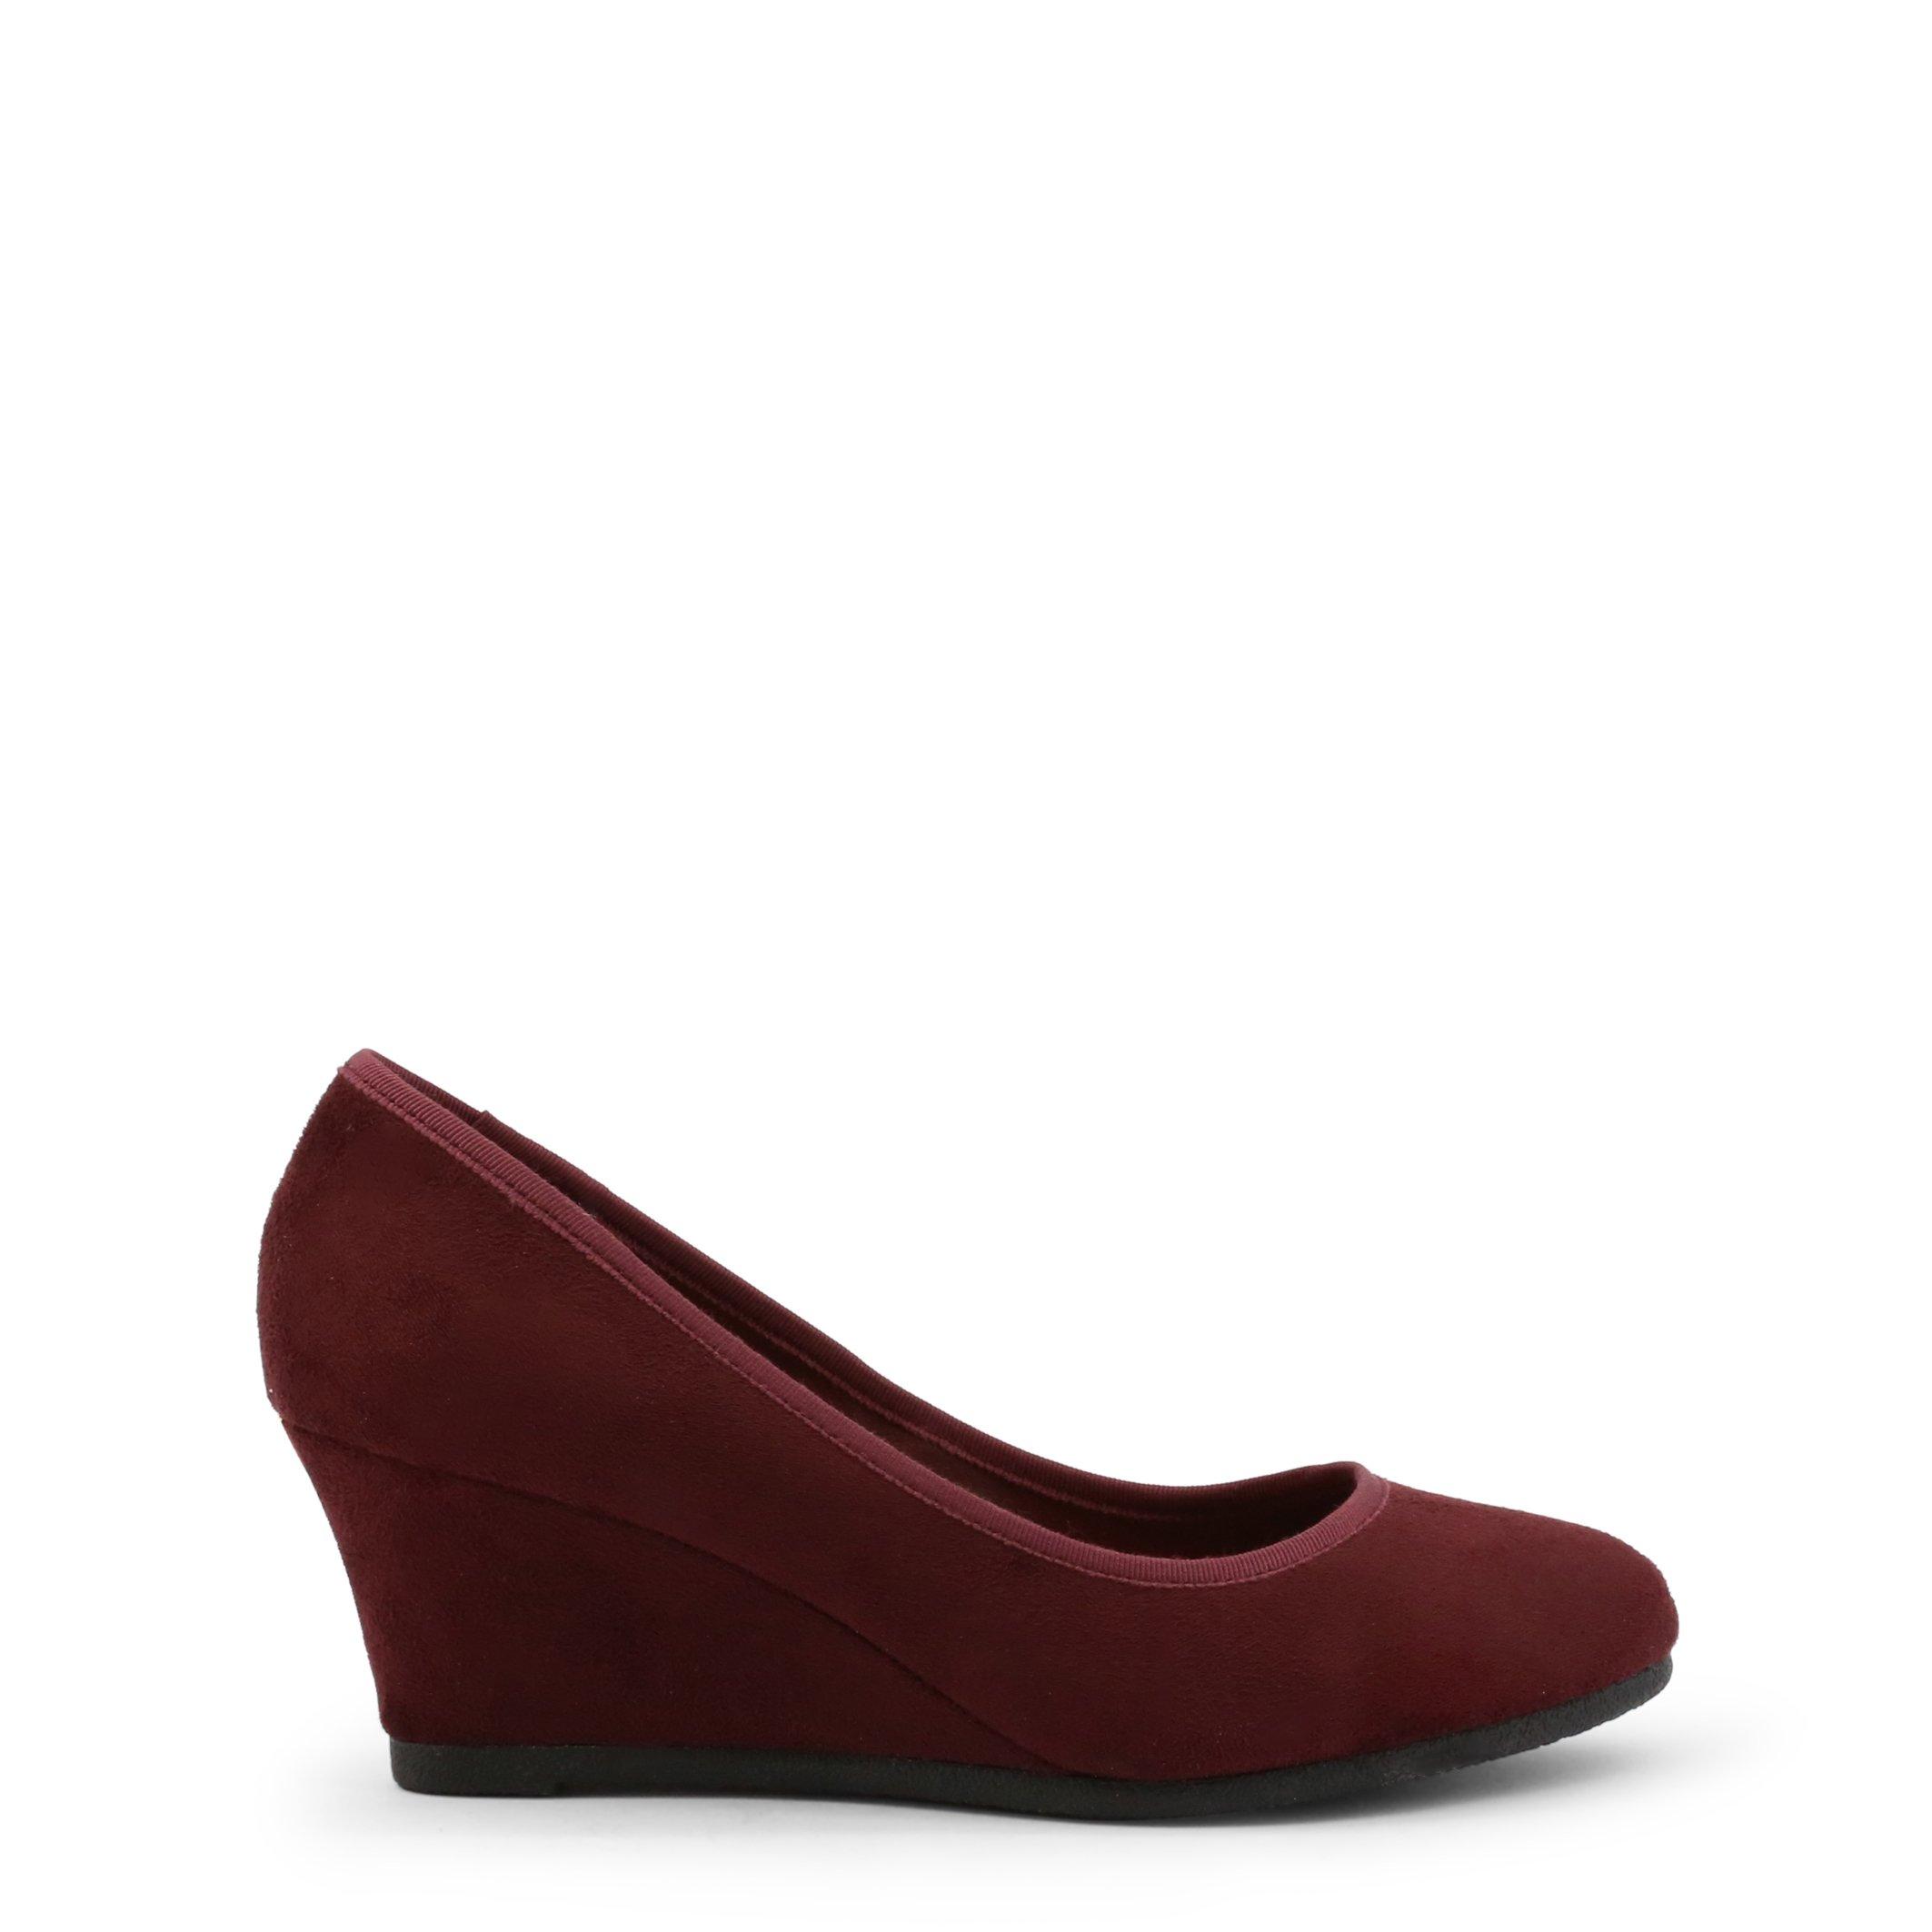 Roccobarocco Women's Heel Brown RBSC1JH01 - red EU 35